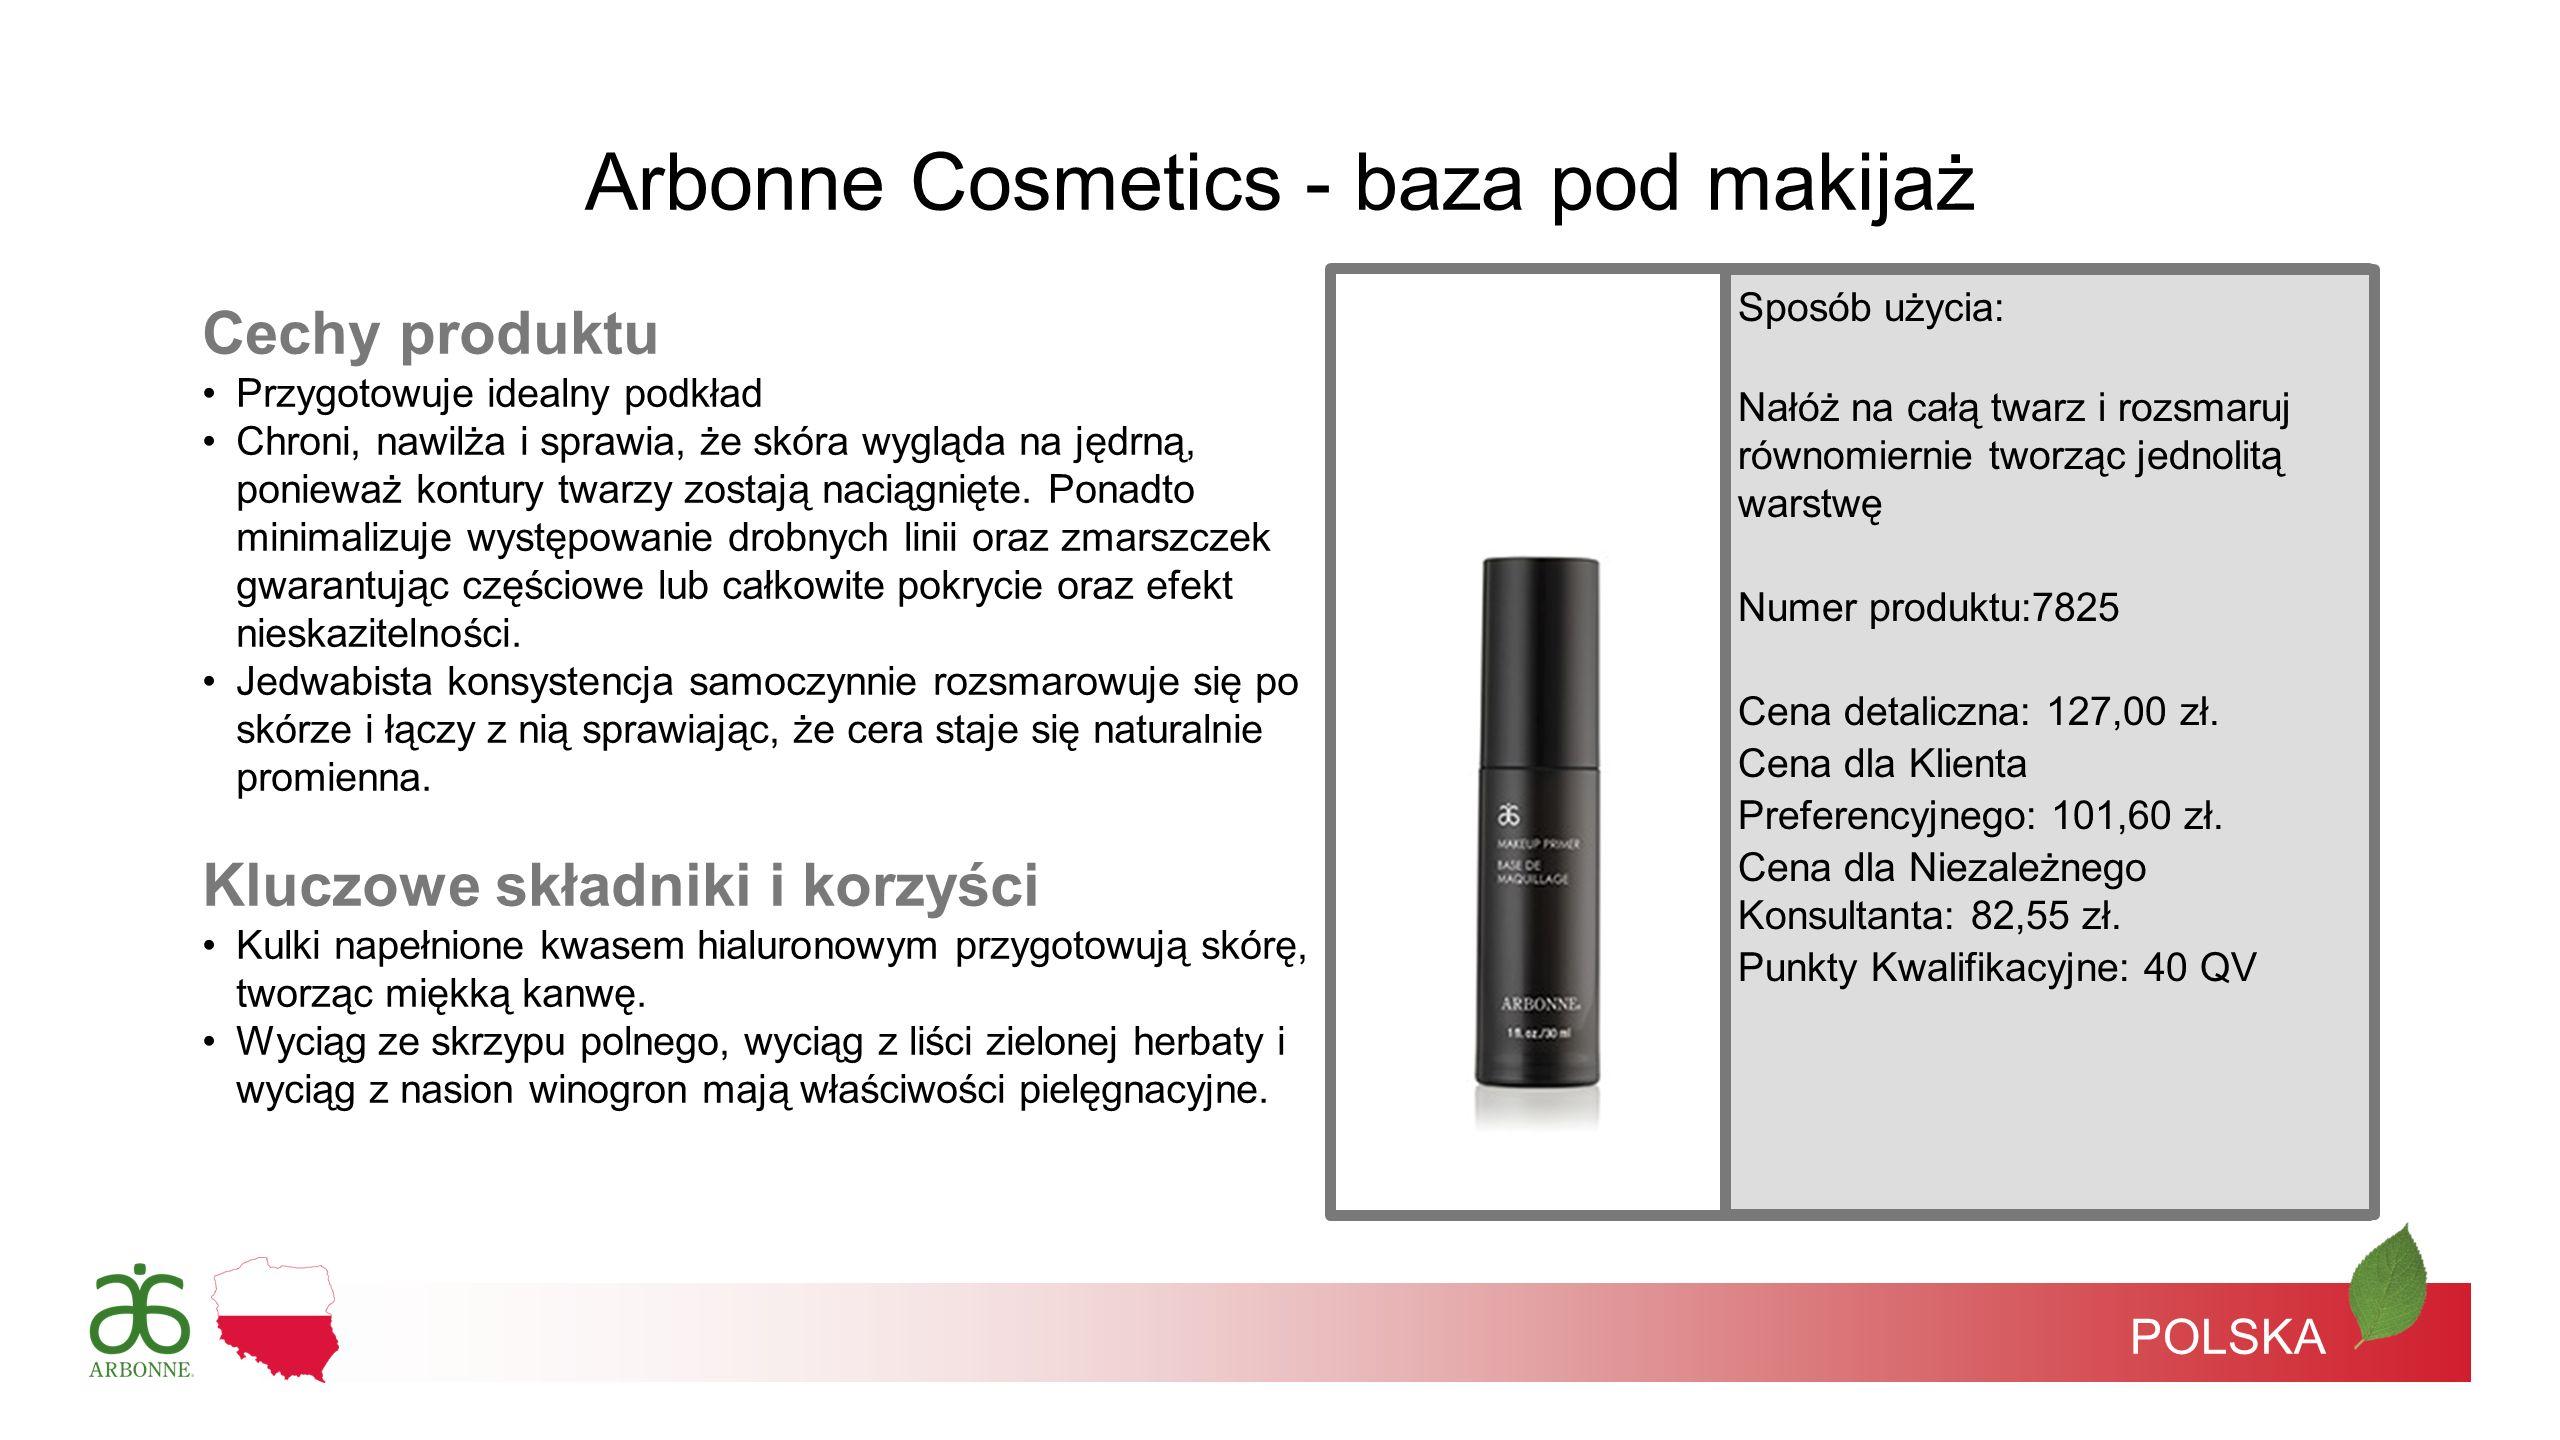 Arbonne Cosmetics - baza pod makijaż Cechy produktu Przygotowuje idealny podkład Chroni, nawilża i sprawia, że skóra wygląda na jędrną, ponieważ kontu